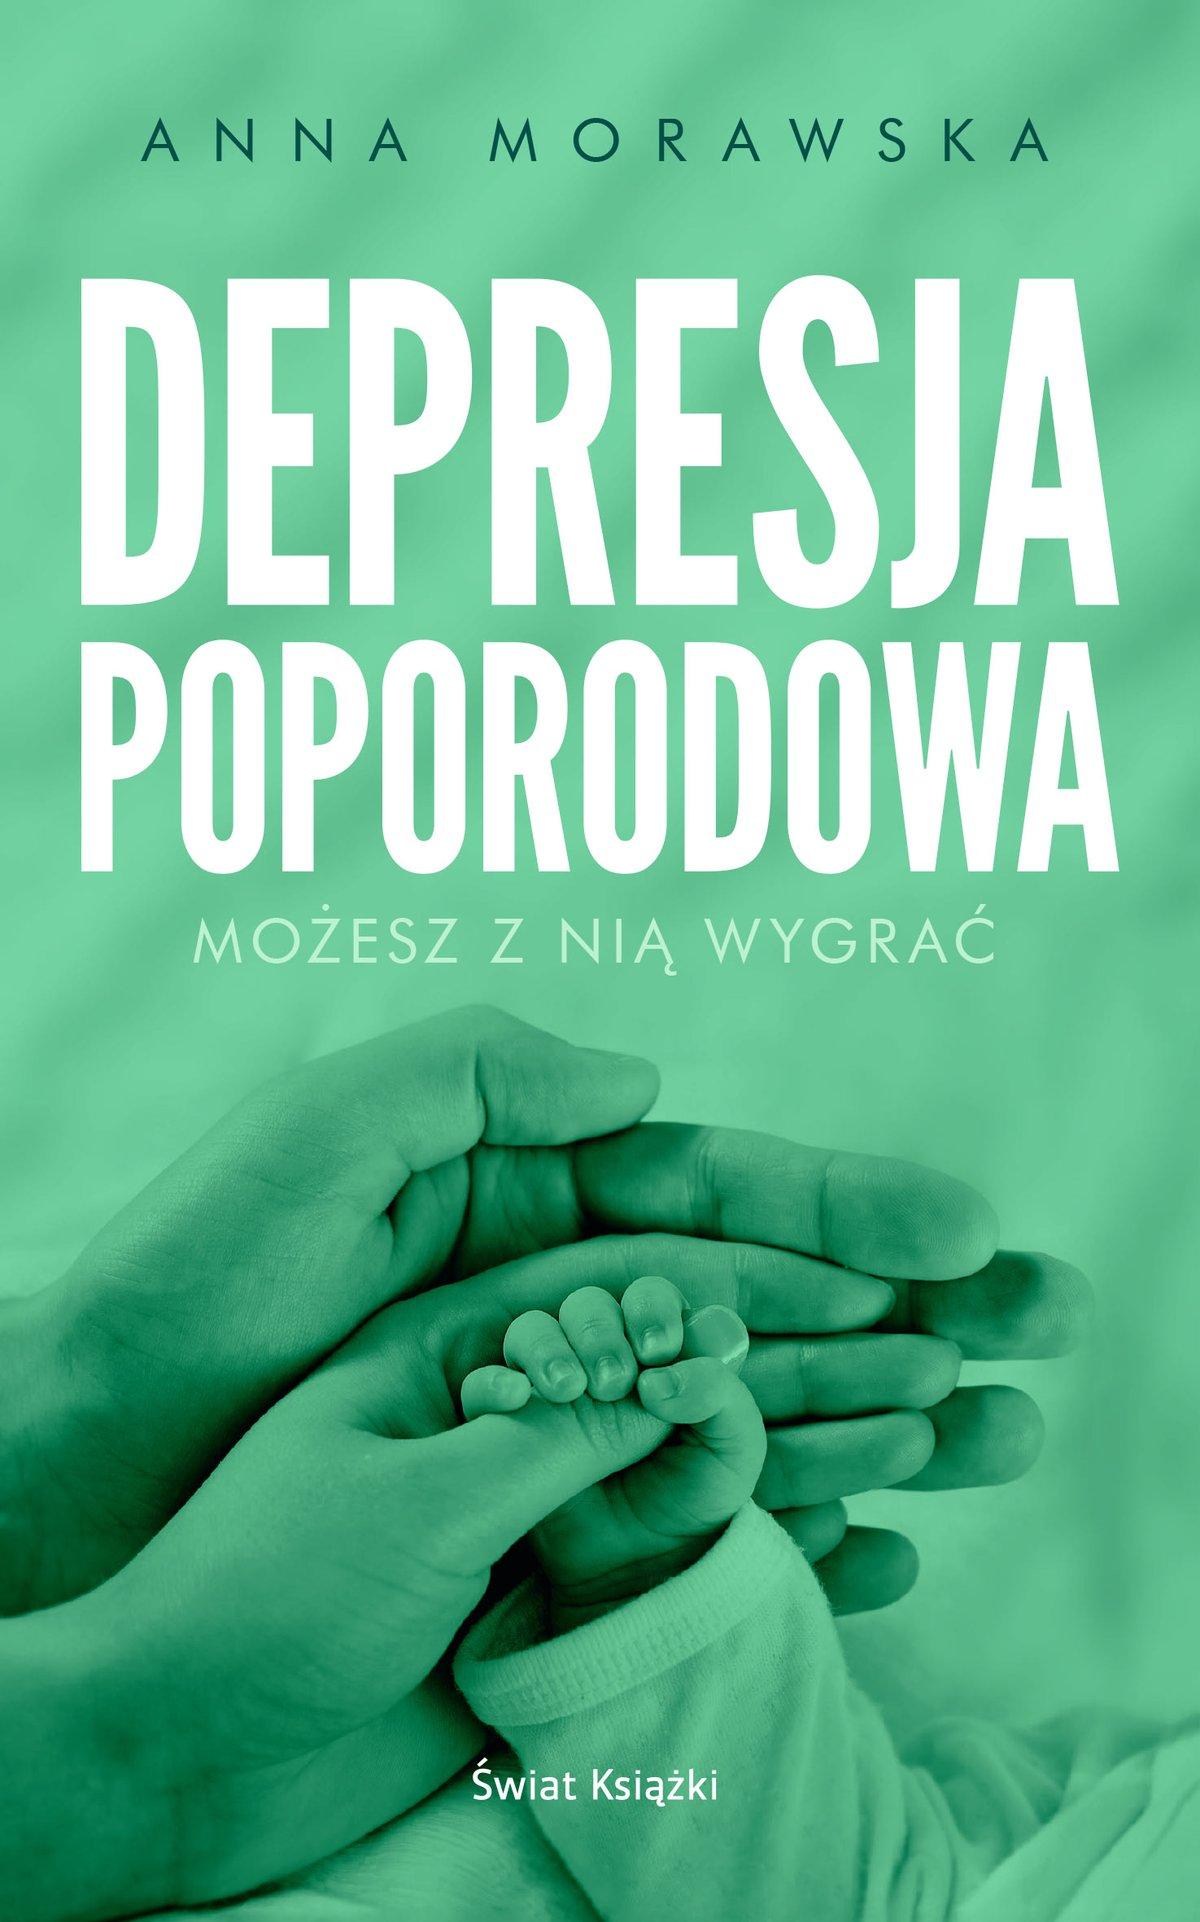 Depresja poporodowa - Ebook (Książka na Kindle) do pobrania w formacie MOBI